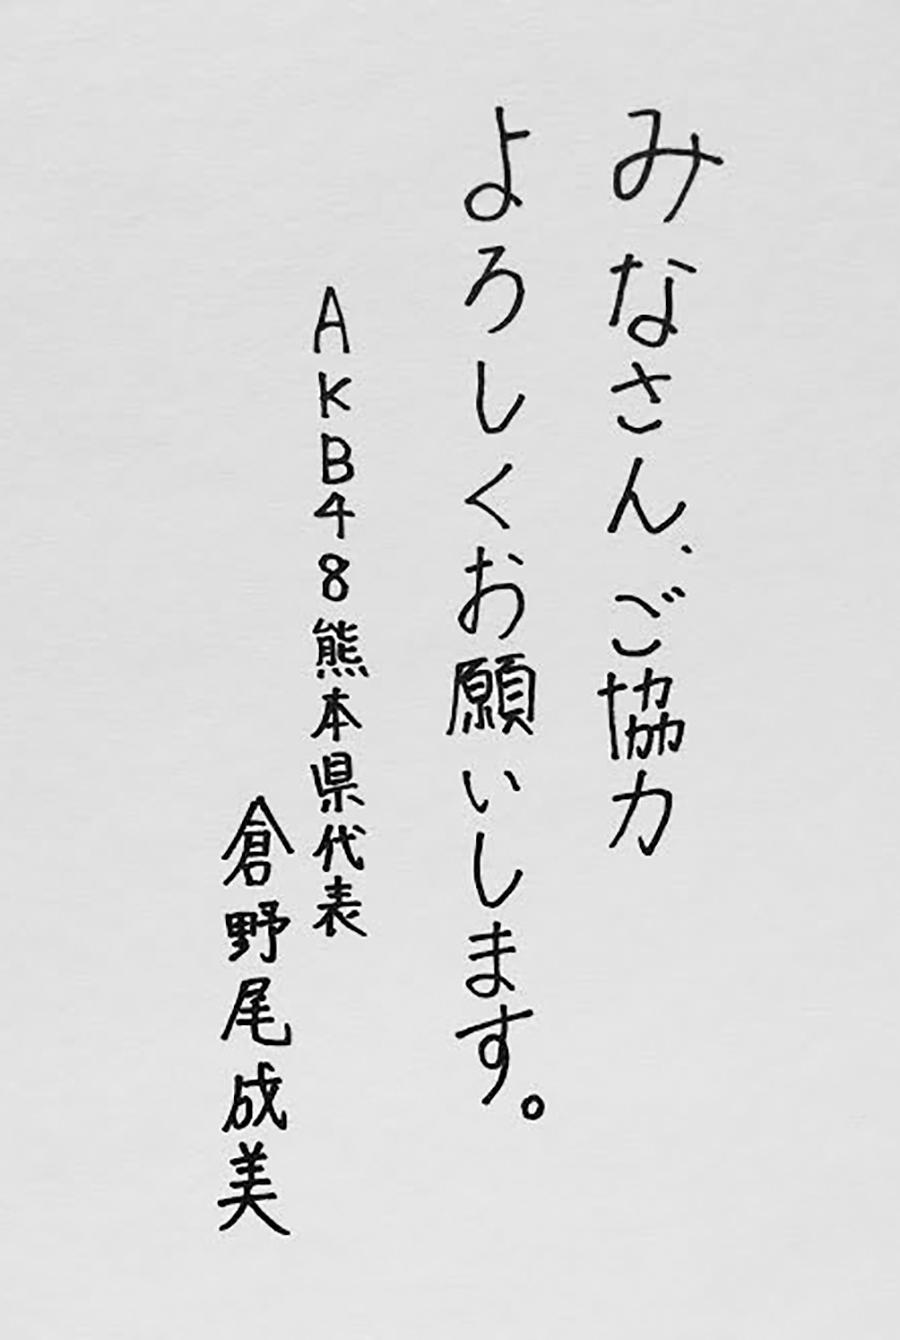 チーム8倉野尾成美が完全に女帝 他メンバーが「倉野尾さん」呼び [無断転載禁止]©2ch.netYouTube動画>3本 ->画像>146枚